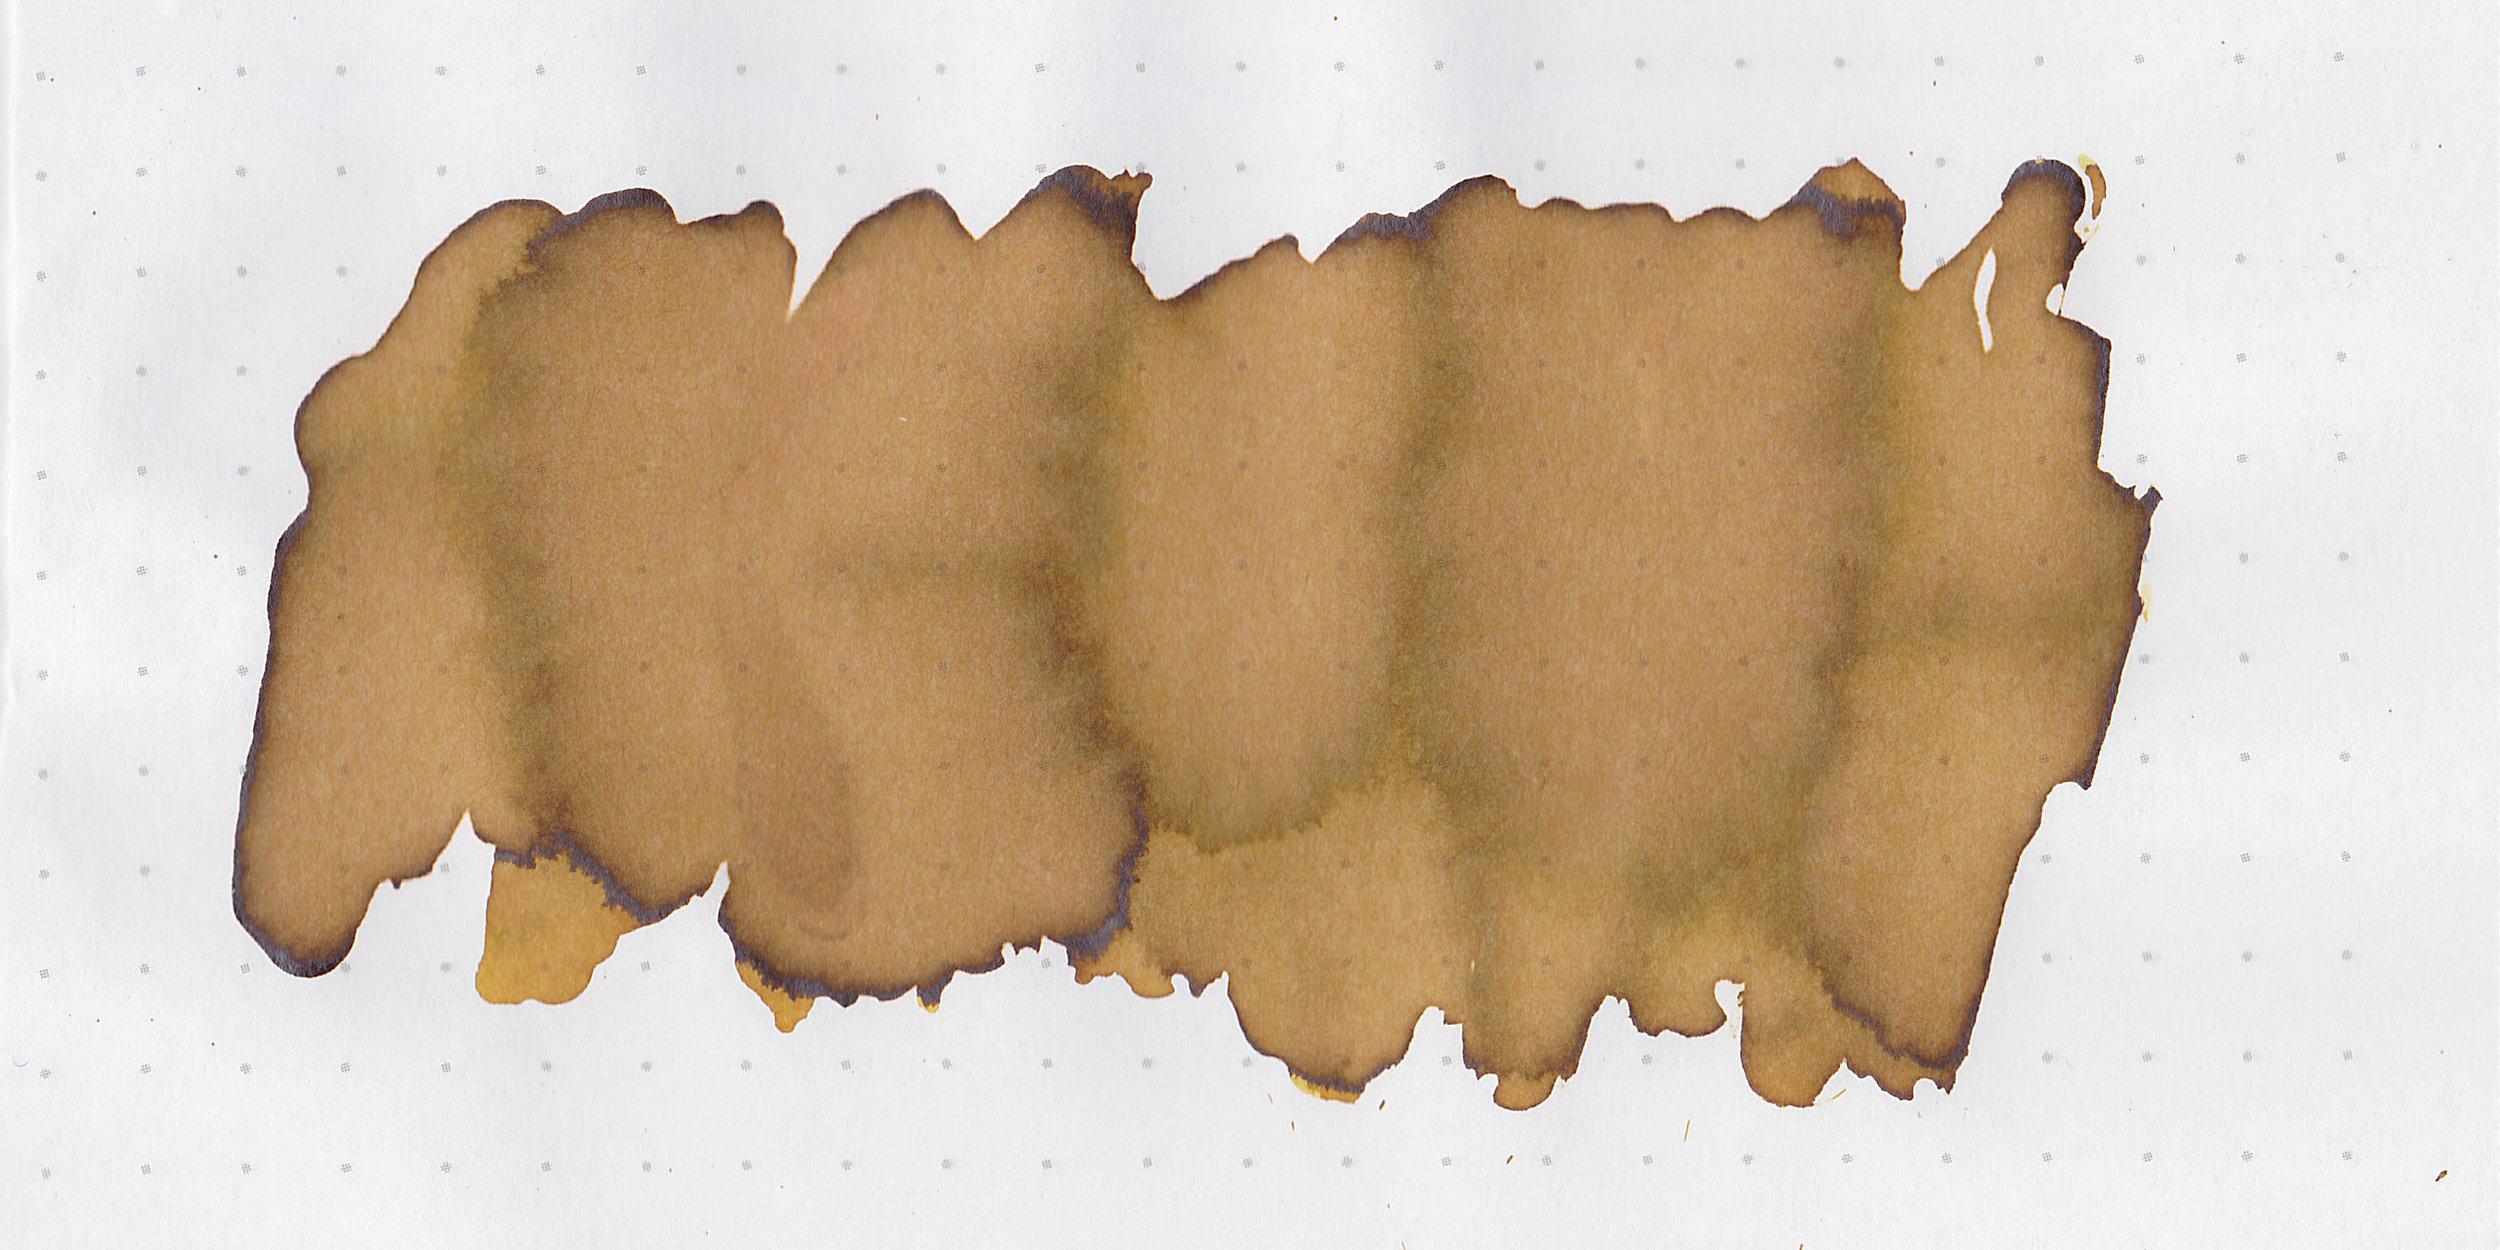 nk-taisanji-yellow-3.jpg